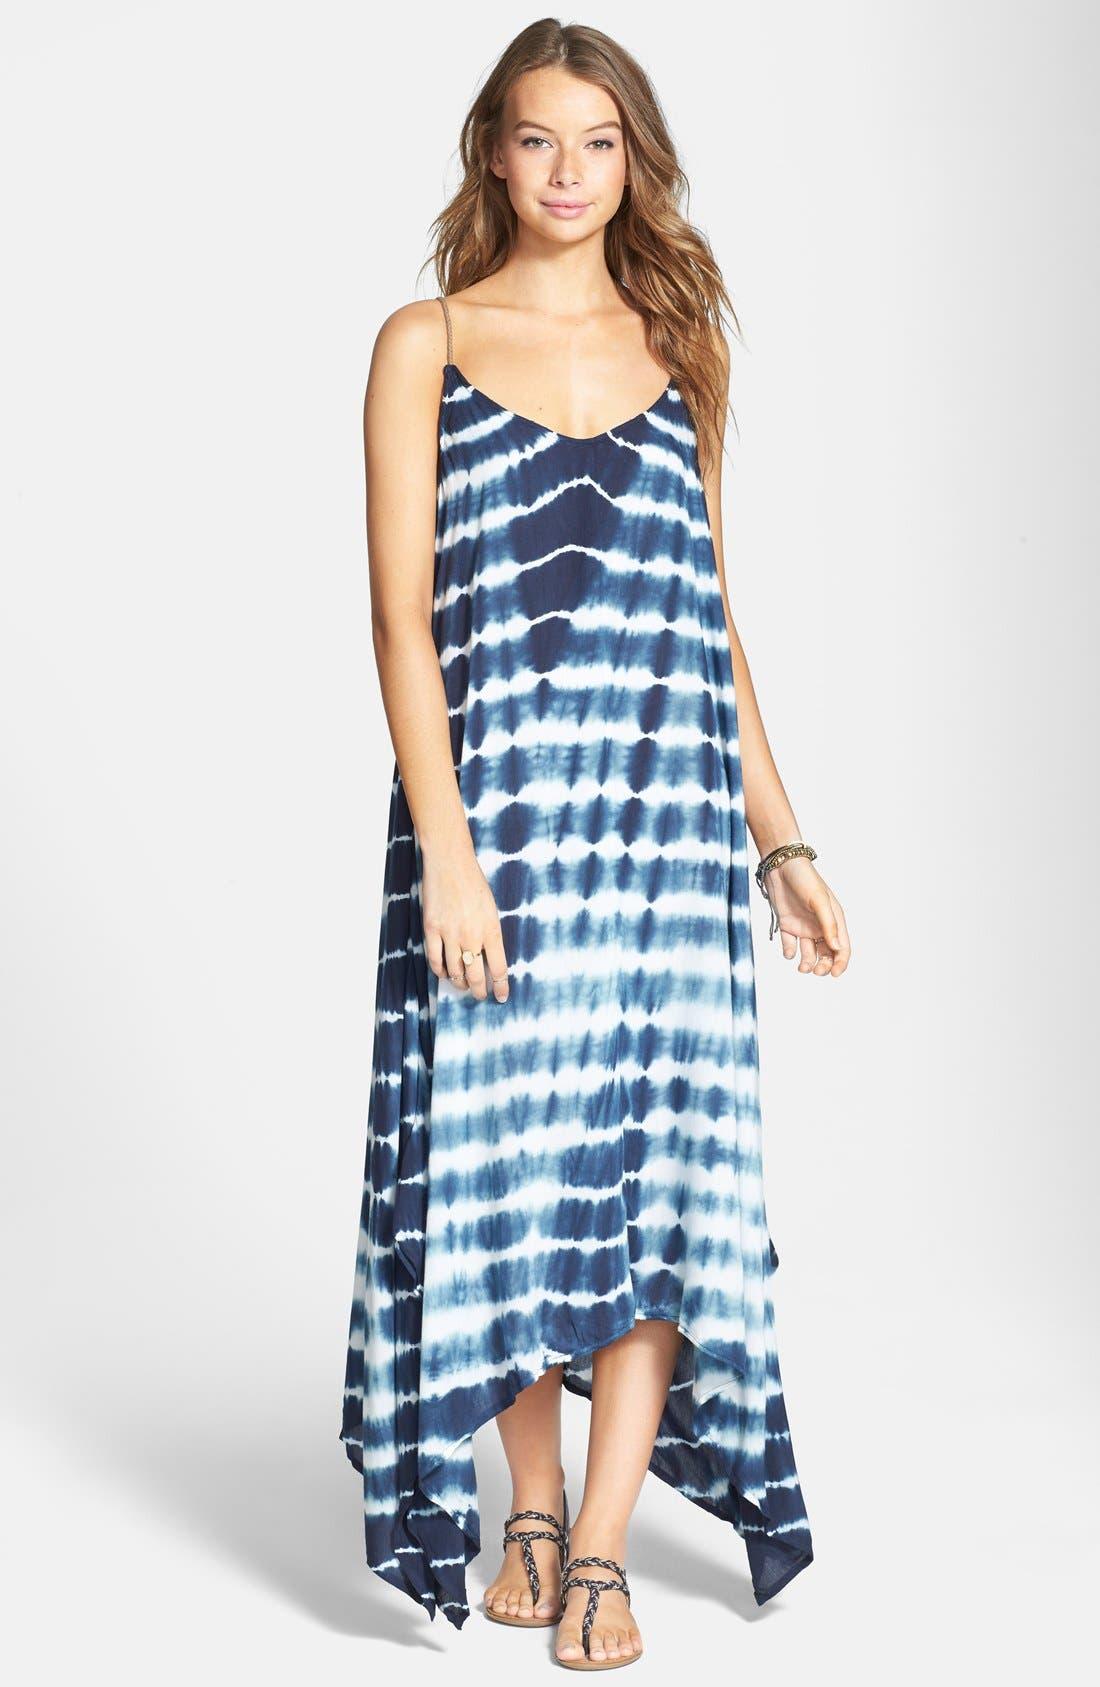 Alternate Image 1 Selected - Billabong 'Mystic Pearl' Tie Dye Handkerchief Maxi Dress (Juniors)